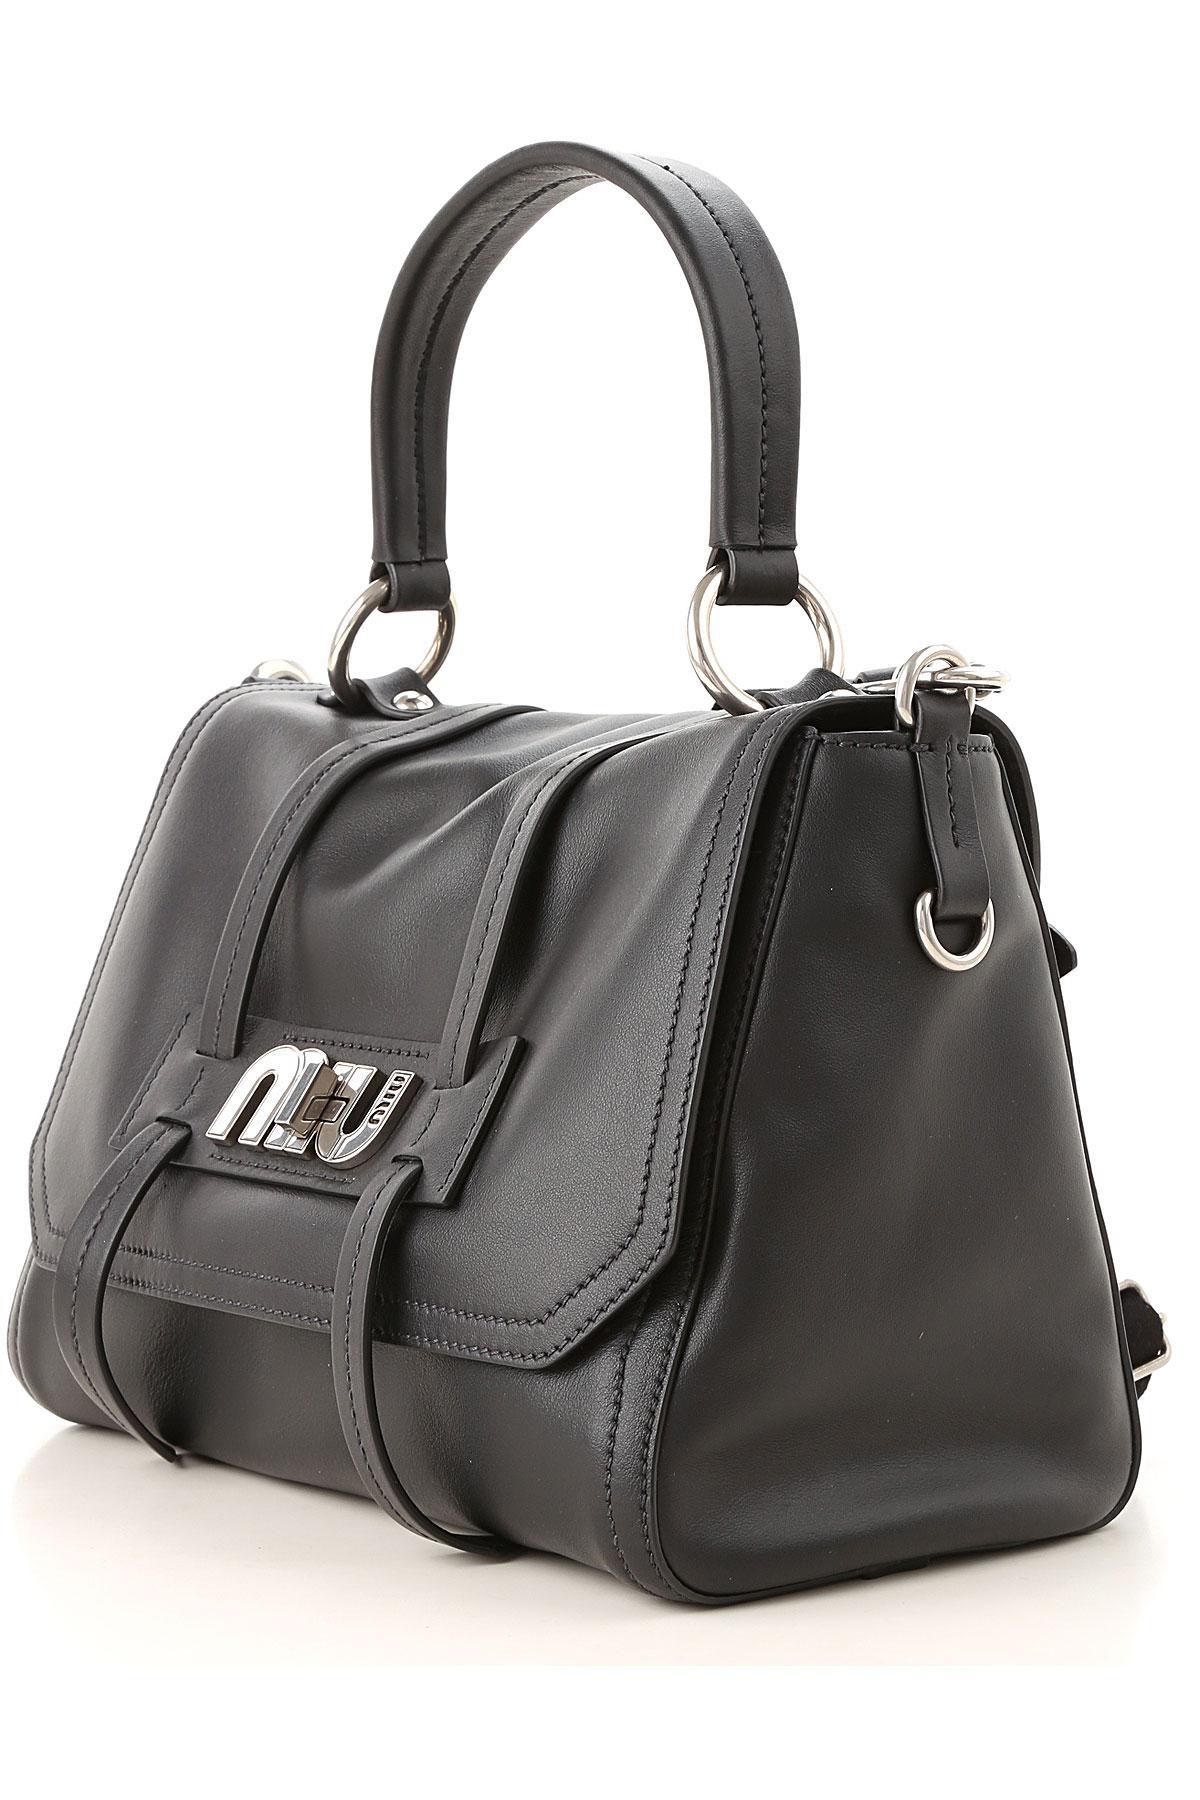 e30cc886c4 Miu Miu Handbags in Black - Lyst